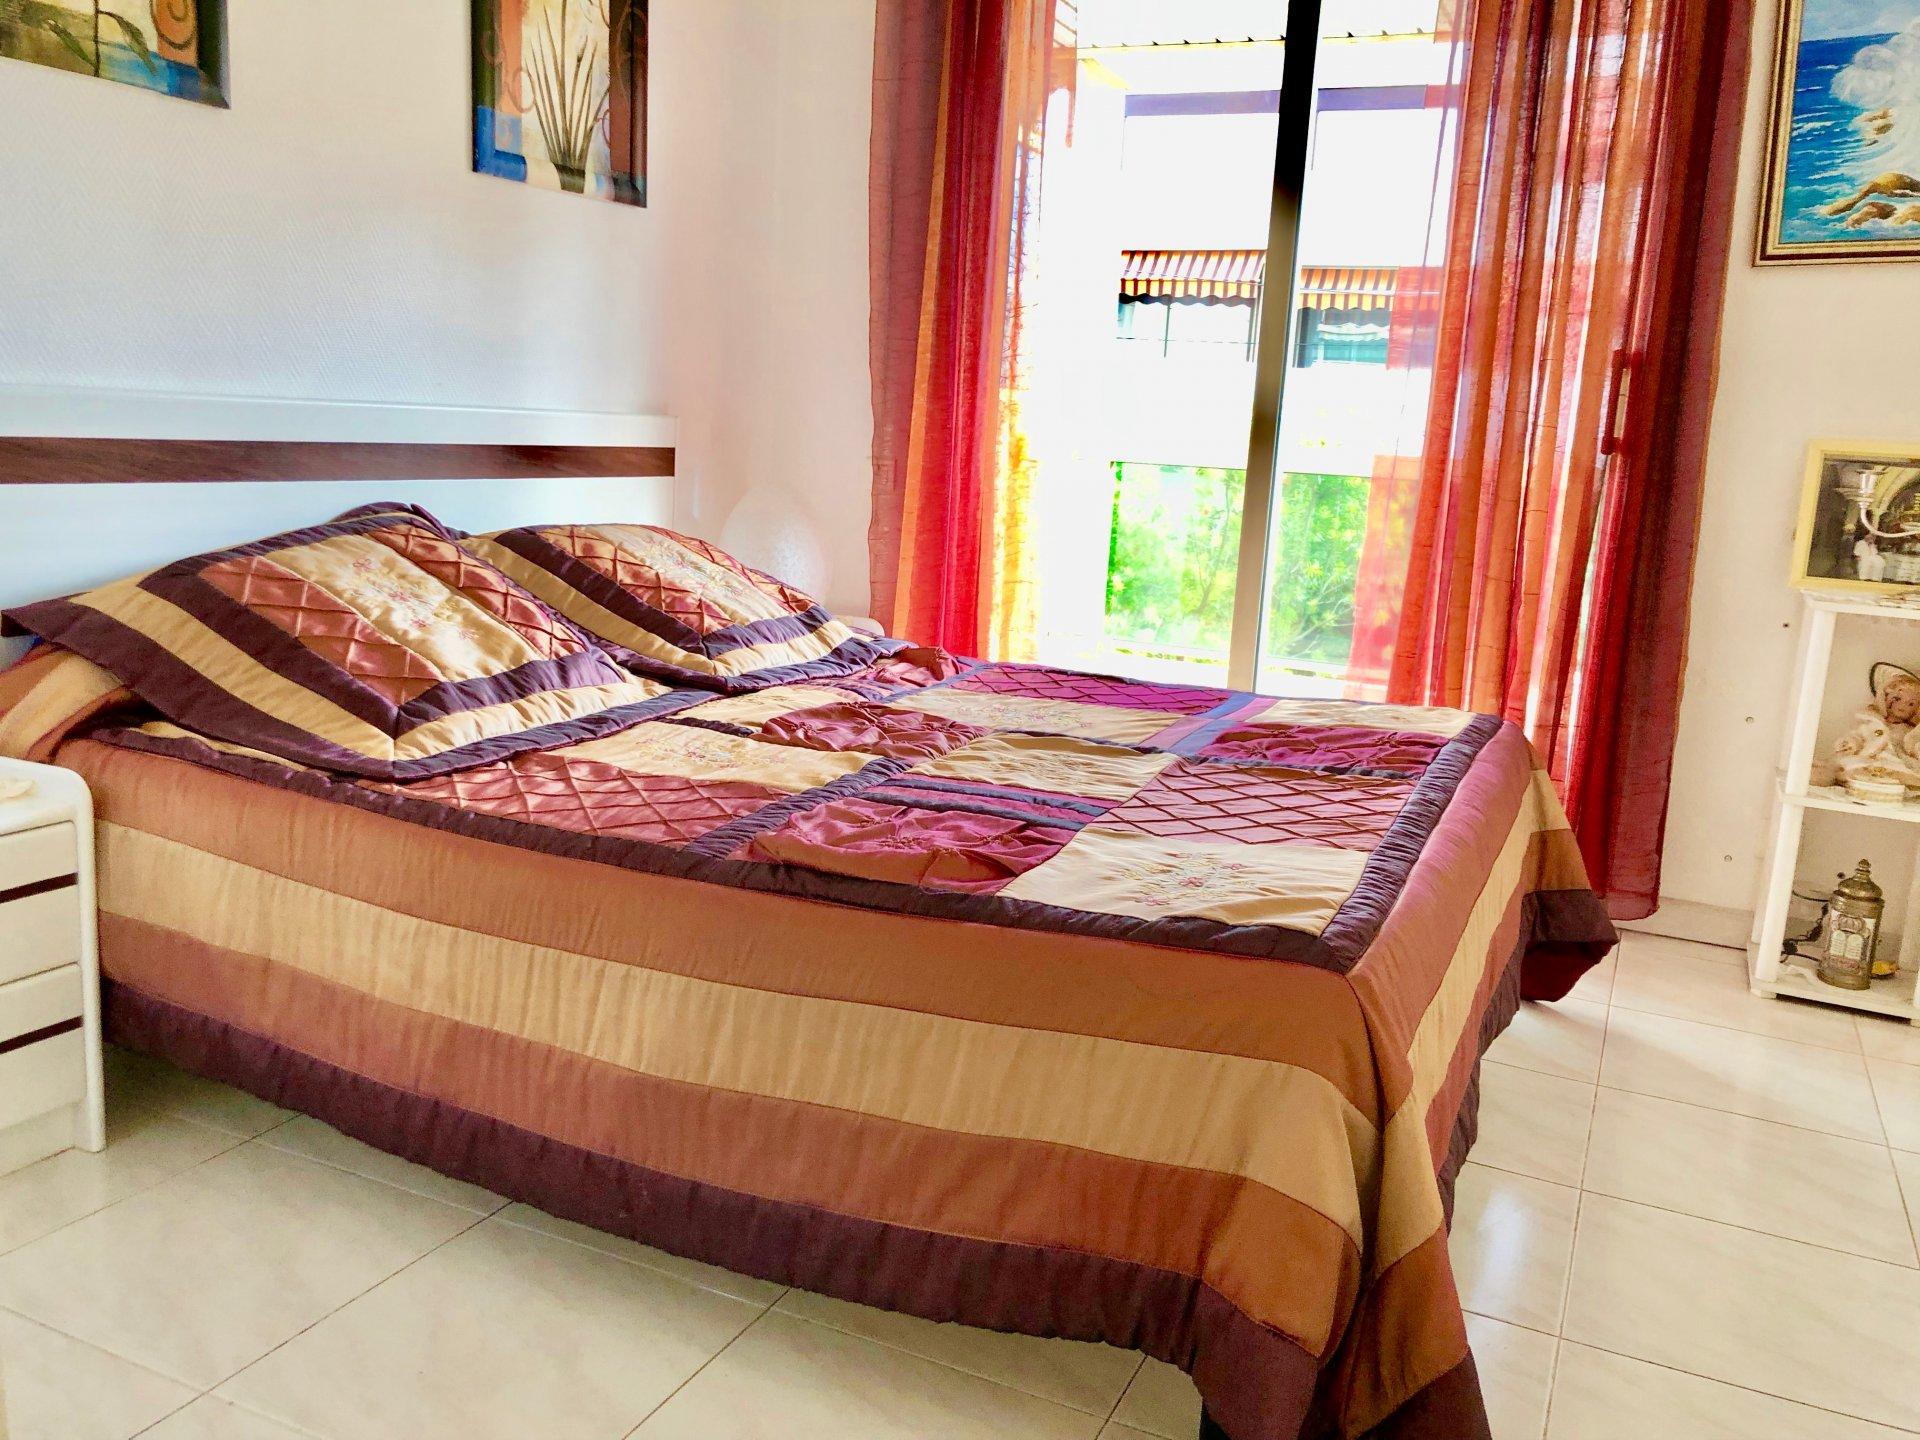 Saint Laurent du Var (06700) - Vespins - Appartement 4 pièces - Terrasse 136 m2